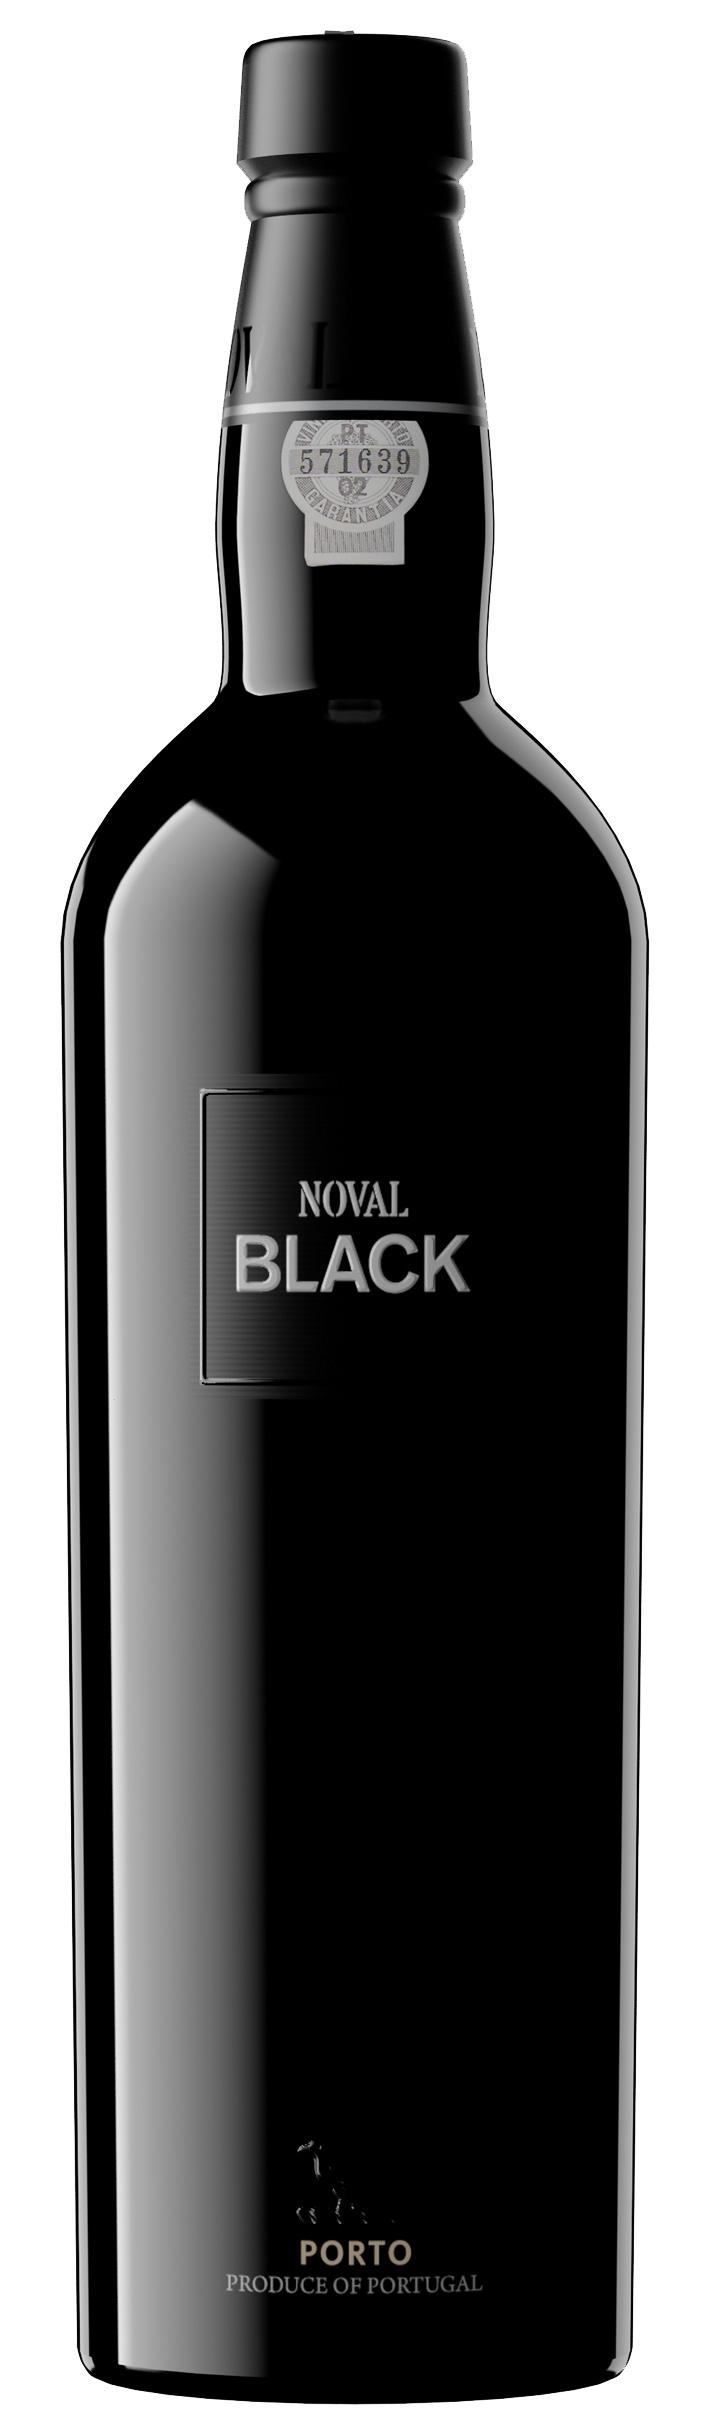 Noval Black  wine of Portugal